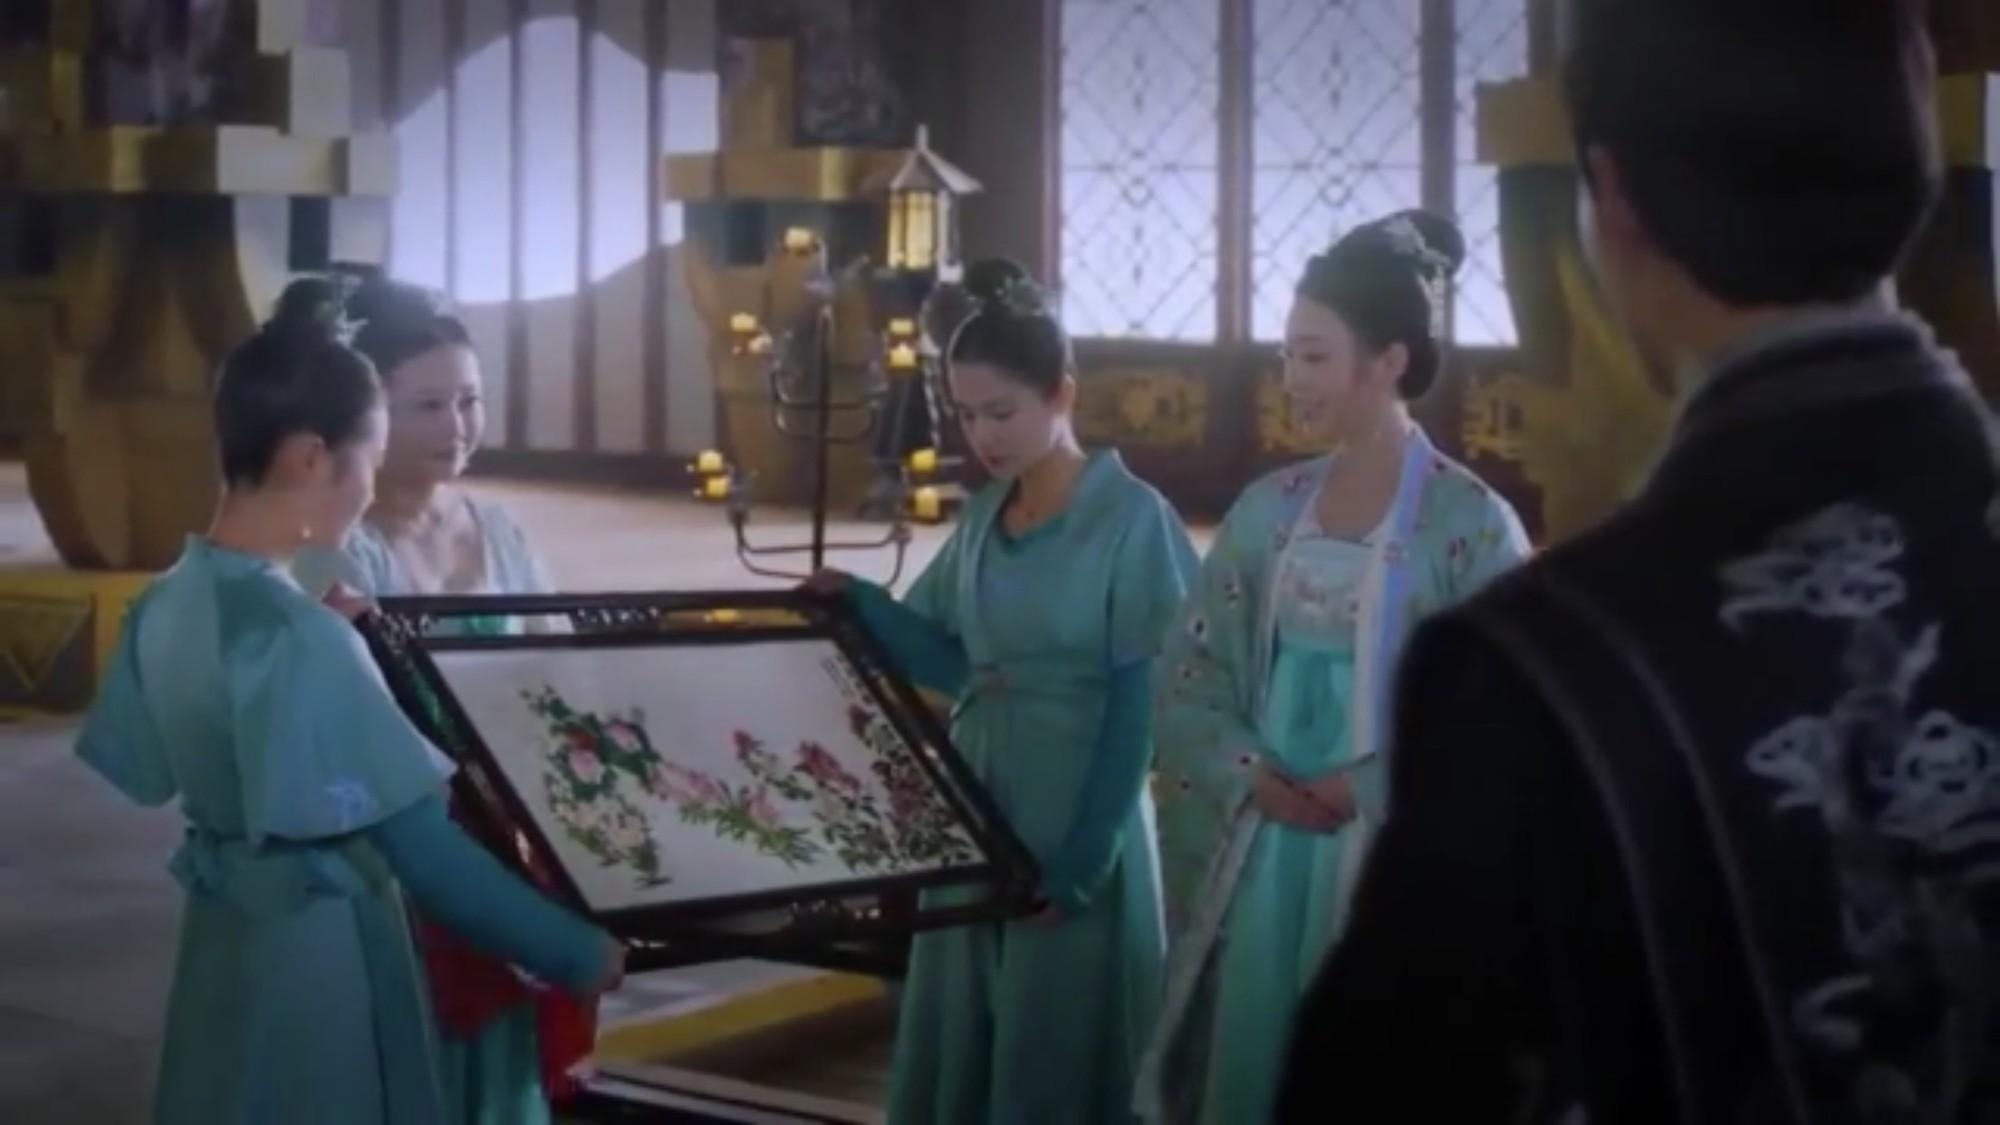 Sinh thần độc đáo nhất trong Đông Cung: Chủ tiệc sầu tơi tả, khách không mời lại hả hê - Ảnh 4.